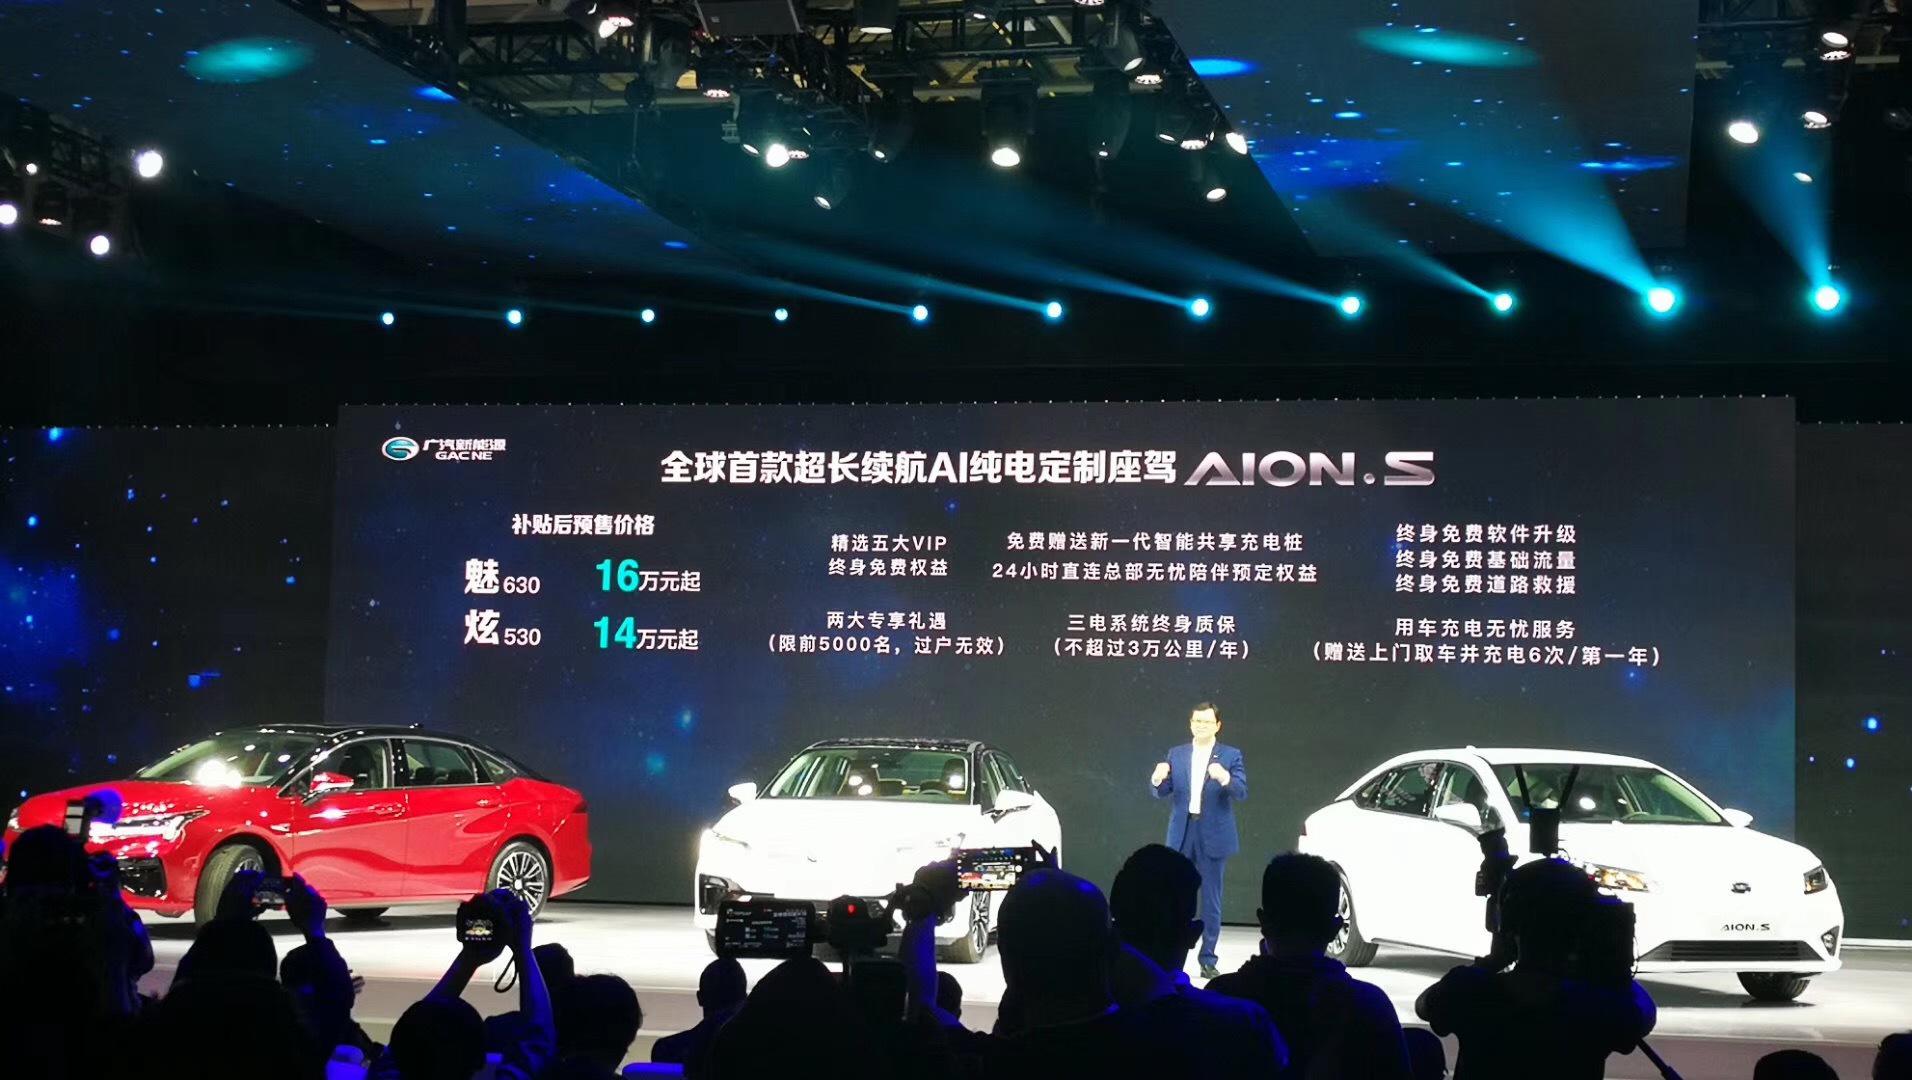 广汽新能源AION S开启预售,预售价14万元起